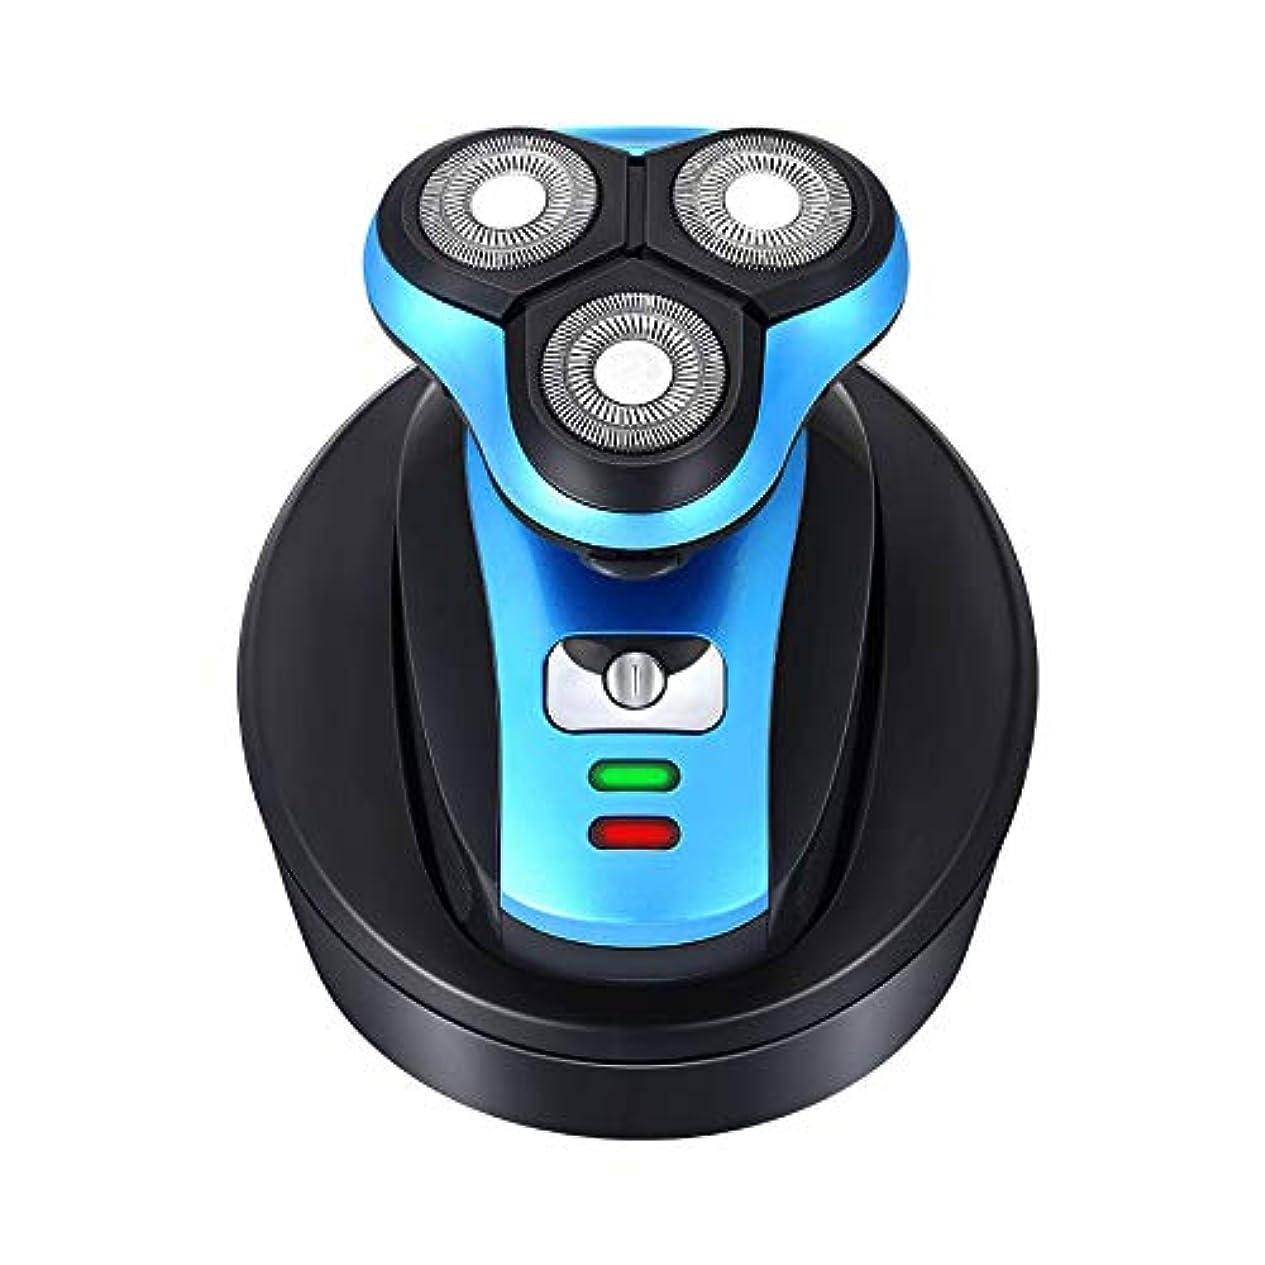 因子最大のやむを得ない3D回転およびフローティングヘッド、ウェット&ドライテクノロジーを備えた男性用電気シェーバーは、フェイシャルケア用の防水ヒゲトリマー